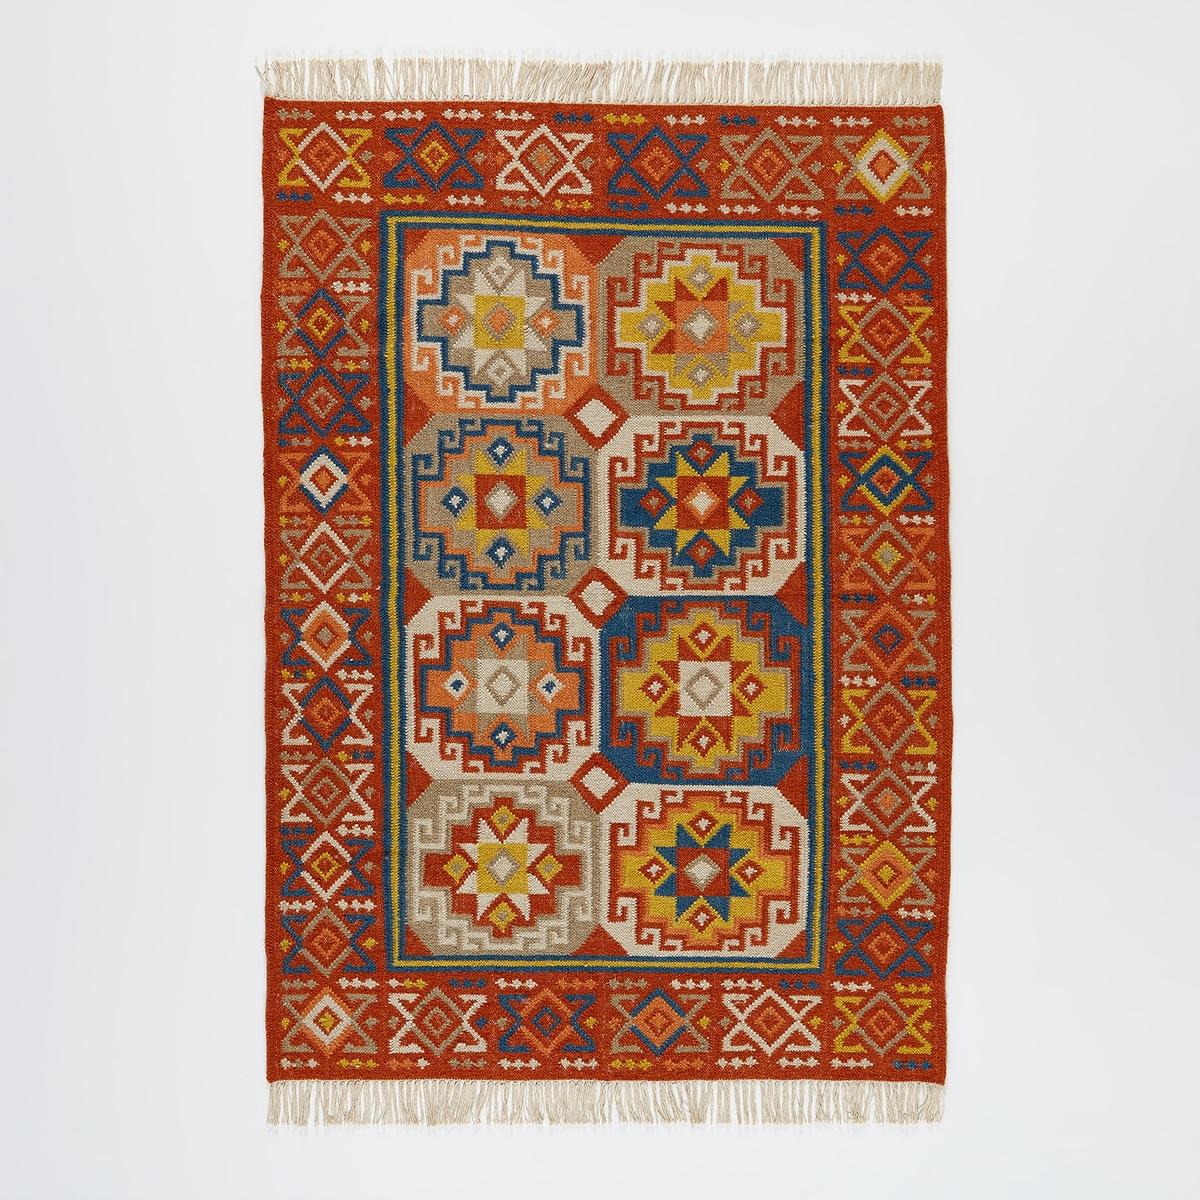 Ковер в стиле килим из шерсти из Новой Зеландии FerlichiКовер в стиле килим с горизонтальным плетением и бахромой на краях, родом из Турции, славящийся разнообразием цветов и красивым геометрическим рисунком. На полу или на стене, этот ковер станет неотъемлемым элементом декора вашего интерьера. Небольшая толщина (менее 0,5 мм), легкий уход.Настоящий элемент декора, отличная тепло и шумоизоляция, ковер согревает атмосферу, структурирует пространство и придает комфорта. Высококачественные ковры AM.PM изготовлены вручную.Материал :- Ковер из 80% шерсти из Новой Зеландии, 20% хлопкаХарактеристики :- Способ производства : ручное плетение- Вес : 1300 г/м?Уход :Регулярно чистить пылесосом. Сразу вытереть пятна с помощью чистой влажной тряпки   . Рекомендуется сухая чистка.Размеры ковра :Размер 1 :Ширина : 120 смДлина : 180 смРазмер 2 :Ширина : 160 смДлина : 230 смРазмер 3 :Ширина : 200 смДлина : 290 см. Доставка: Возможна доставка товара до квартиры по предварительной договоренности! Внимание! Убедитесь, что товар возможно доставить, учитывая его габариты (проходит в дверные проемы, по лестницам, в лифты).<br><br>Цвет: разноцветный<br>Размер: 120 x 180  см